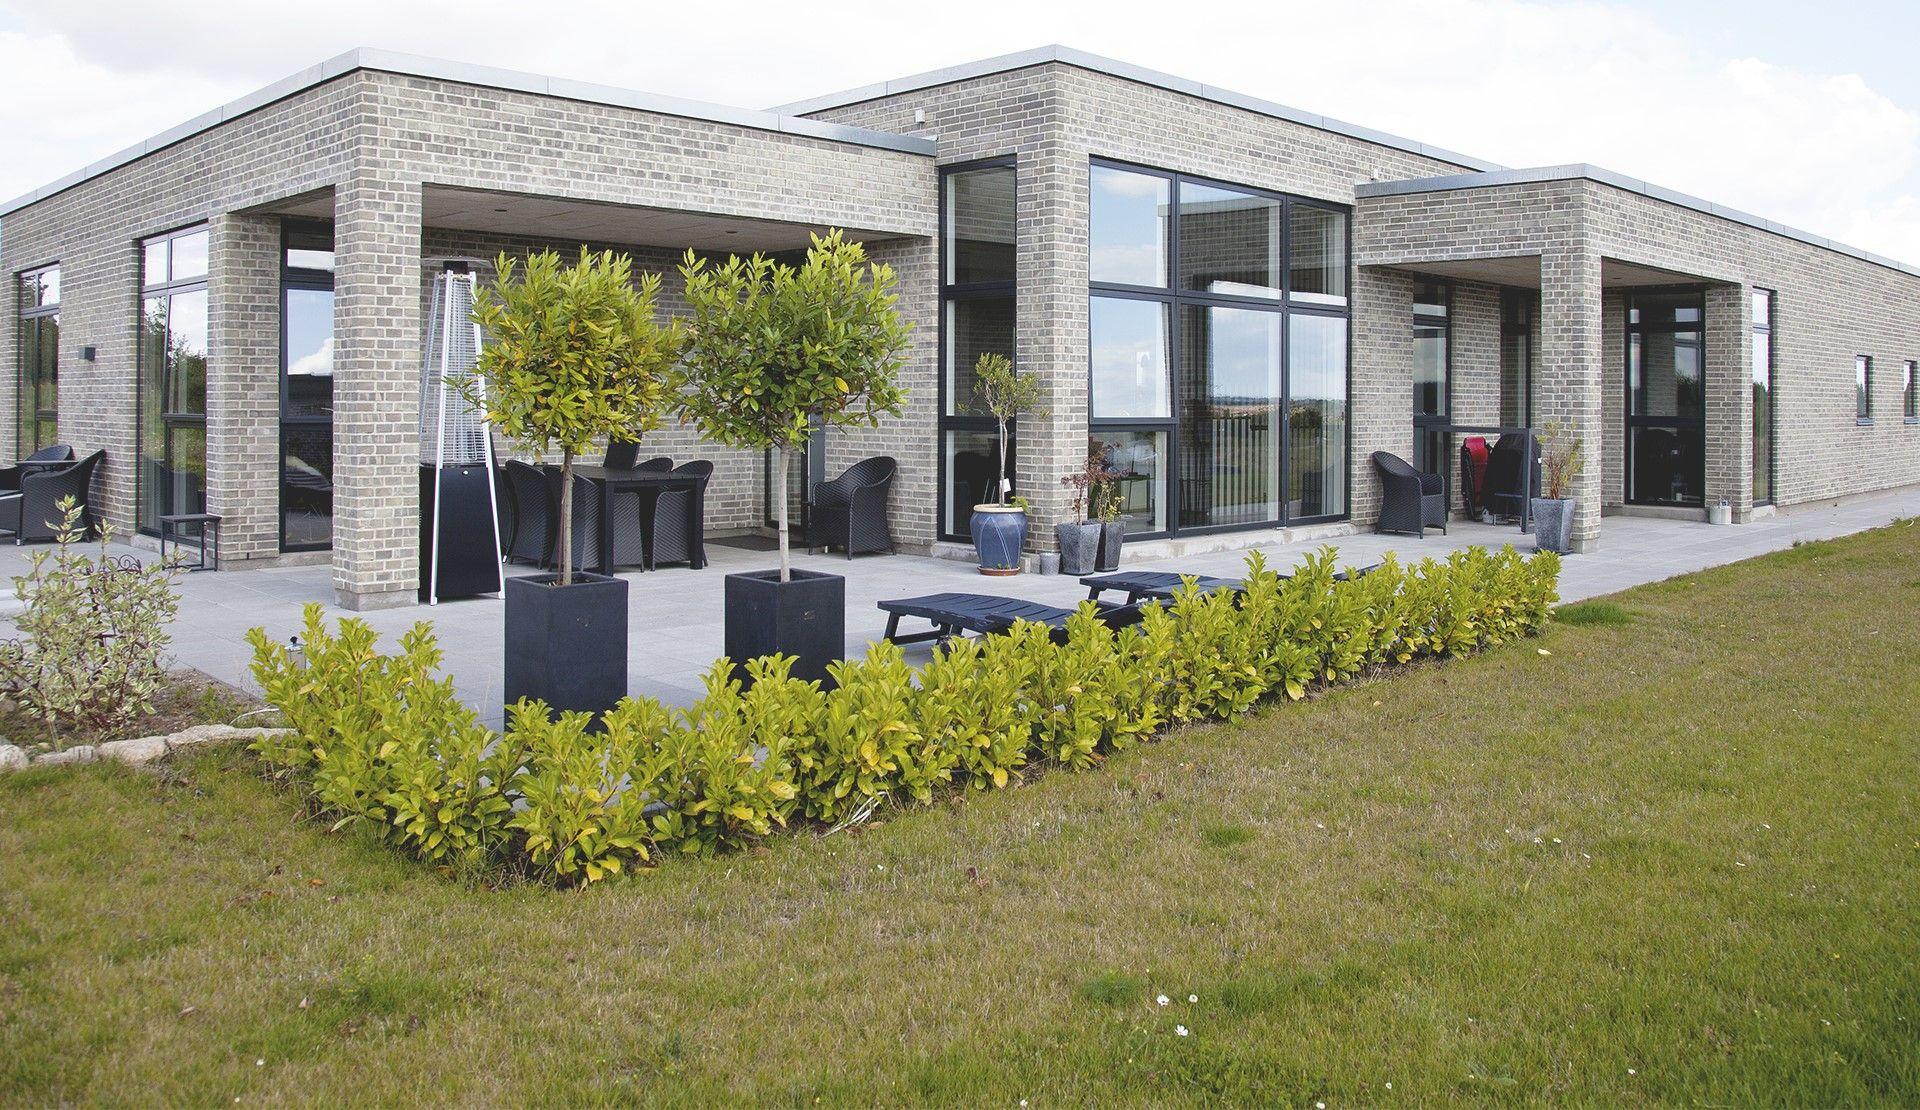 Billedresultat for funkis house 1 plan garden for Funkis house